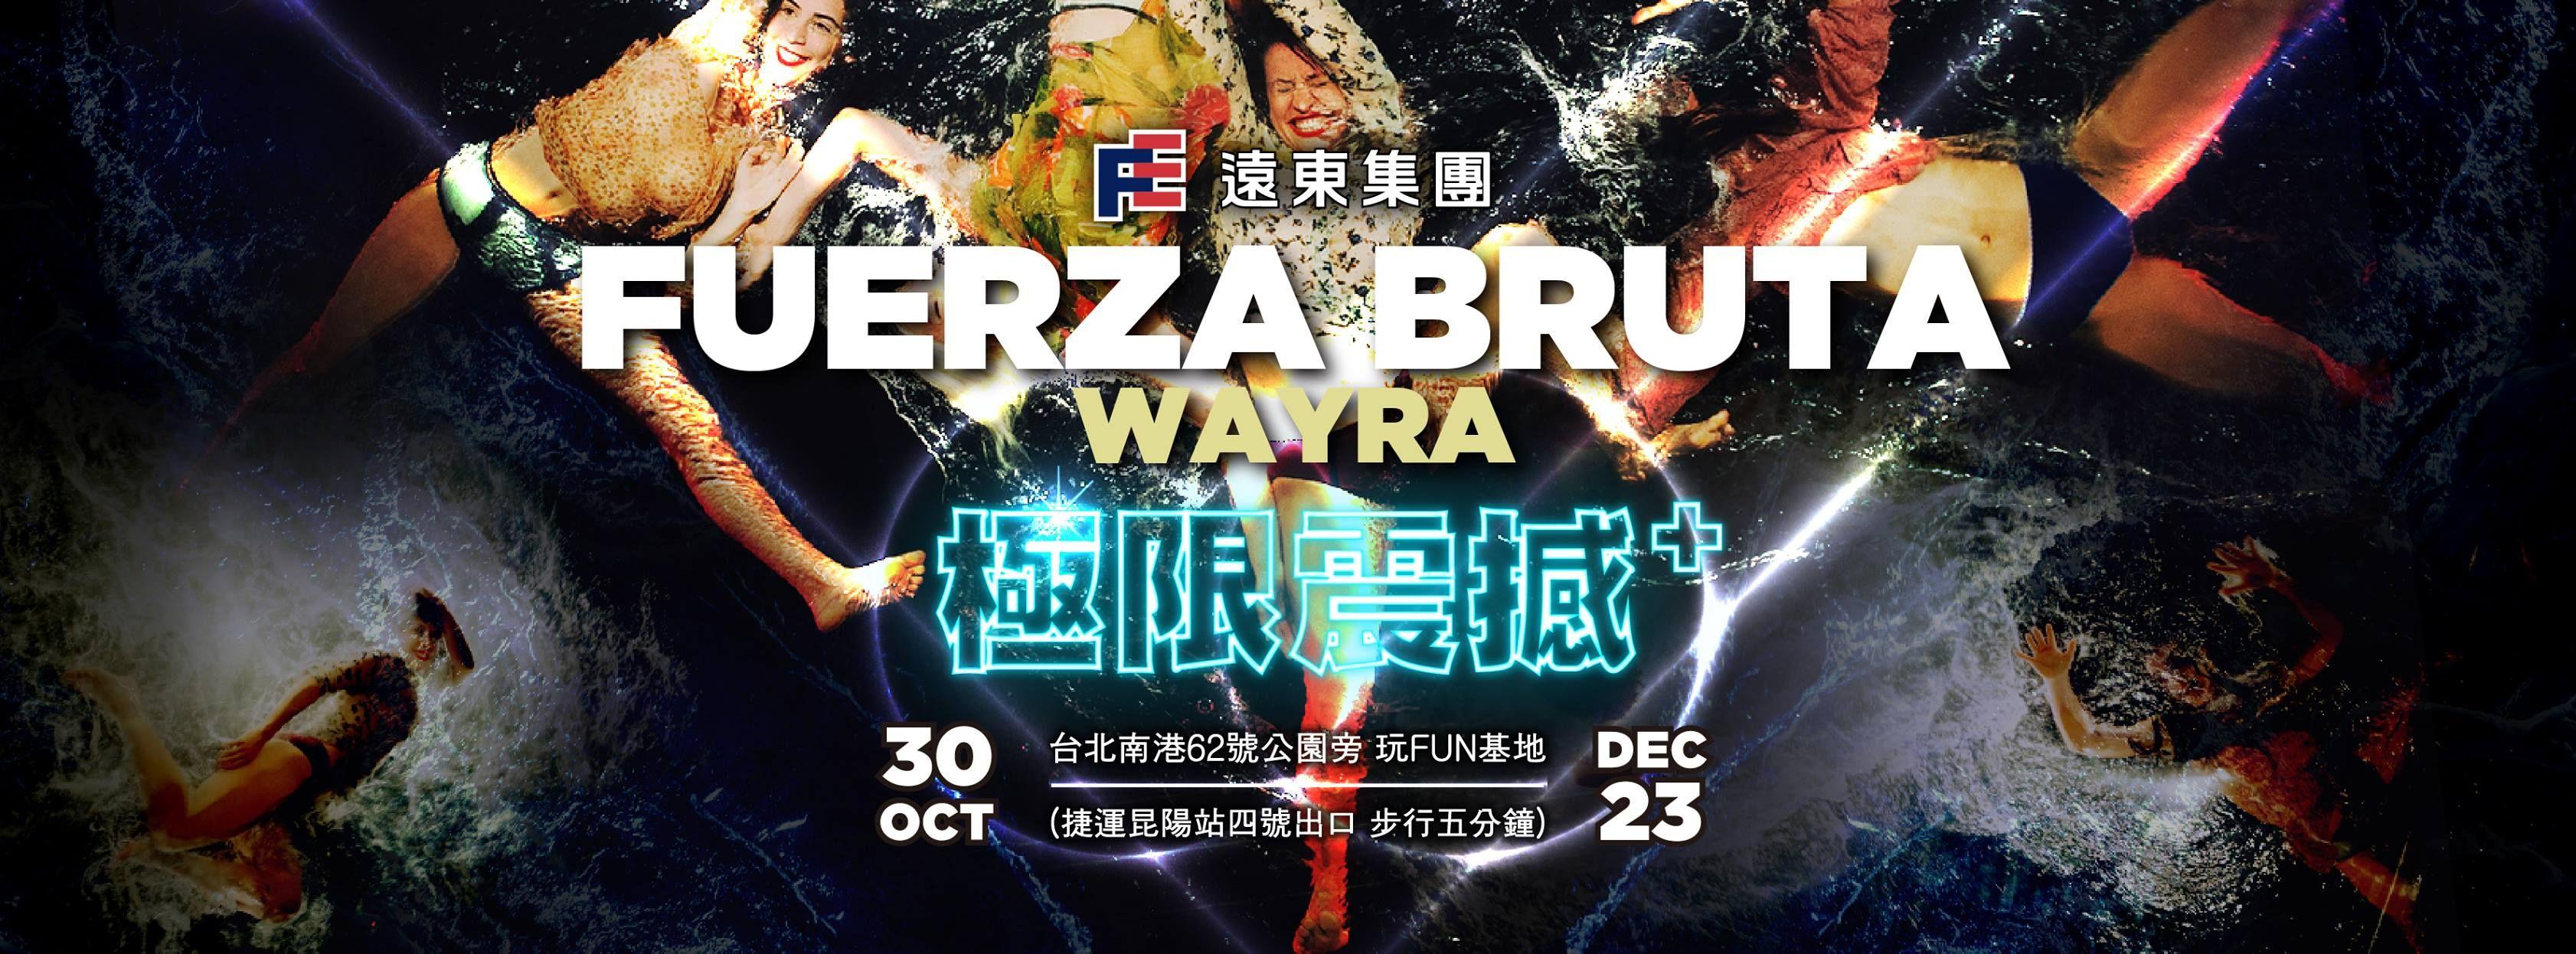 極限震撼,台北,台灣,必看,沉浸式劇場